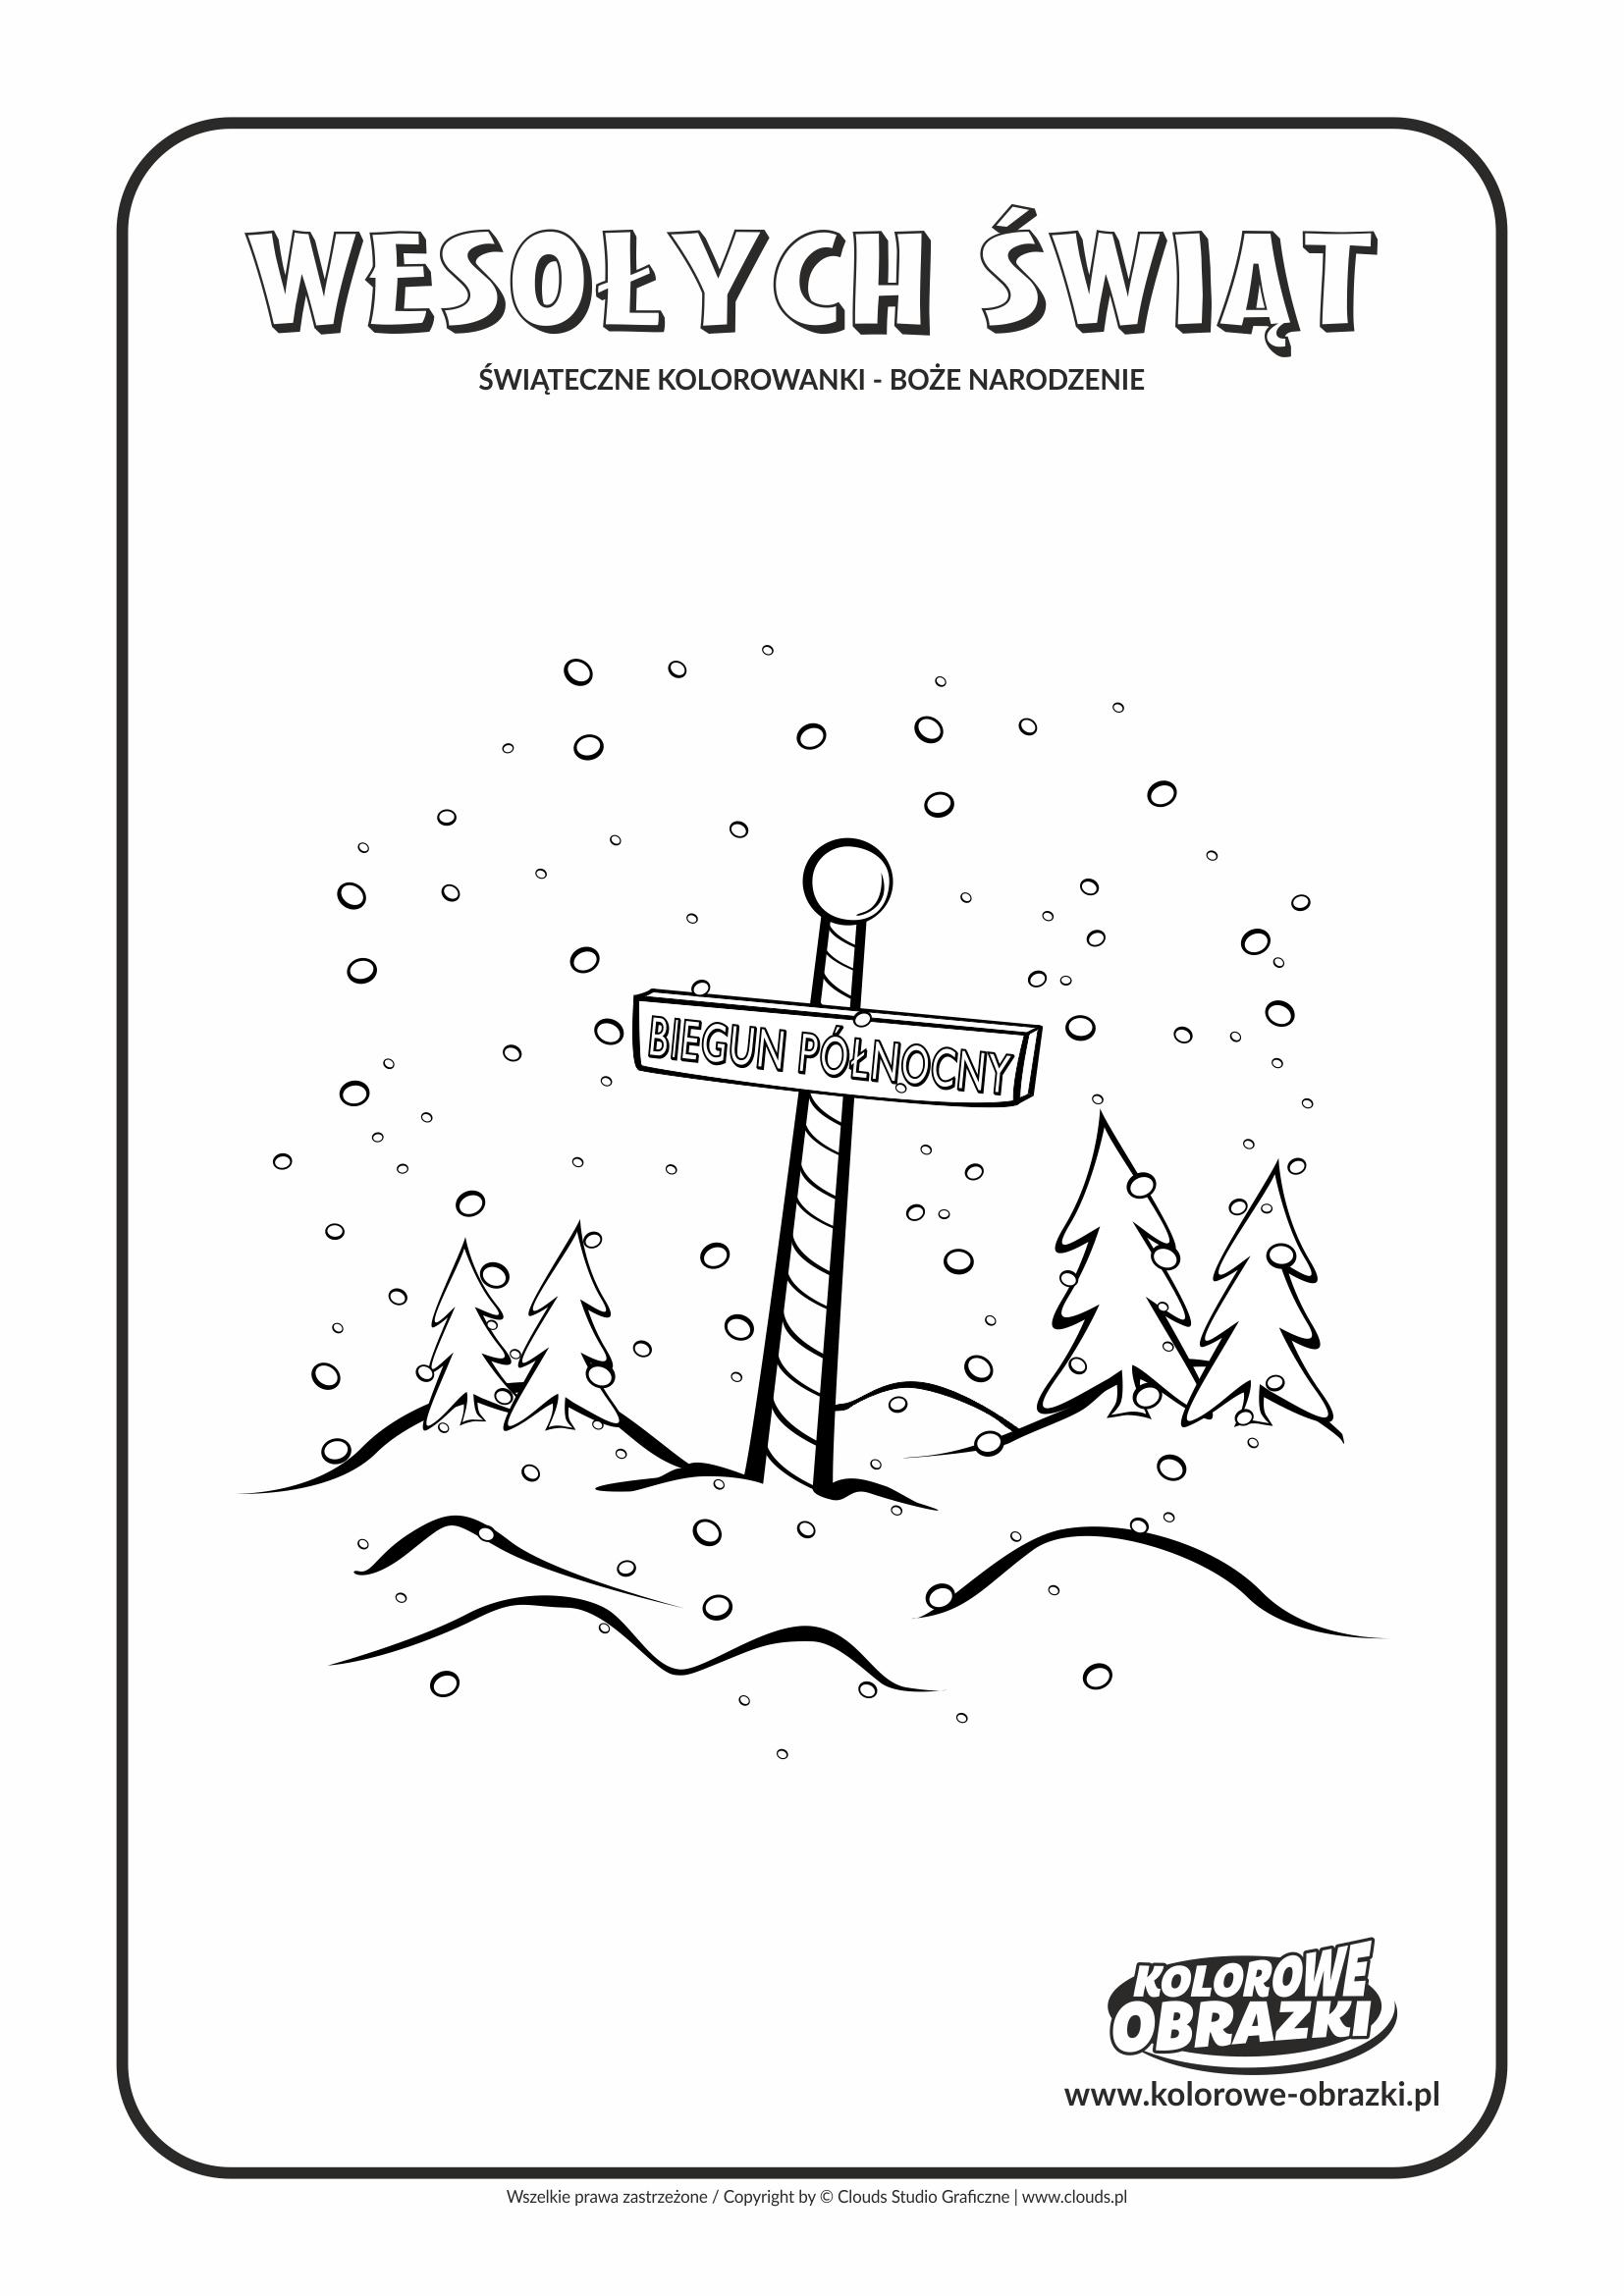 Kolorowanki dla dzieci - Święta / Boże Narodzenie - Biegun Północny. Kolorowanka z Bożym Narodzeniem